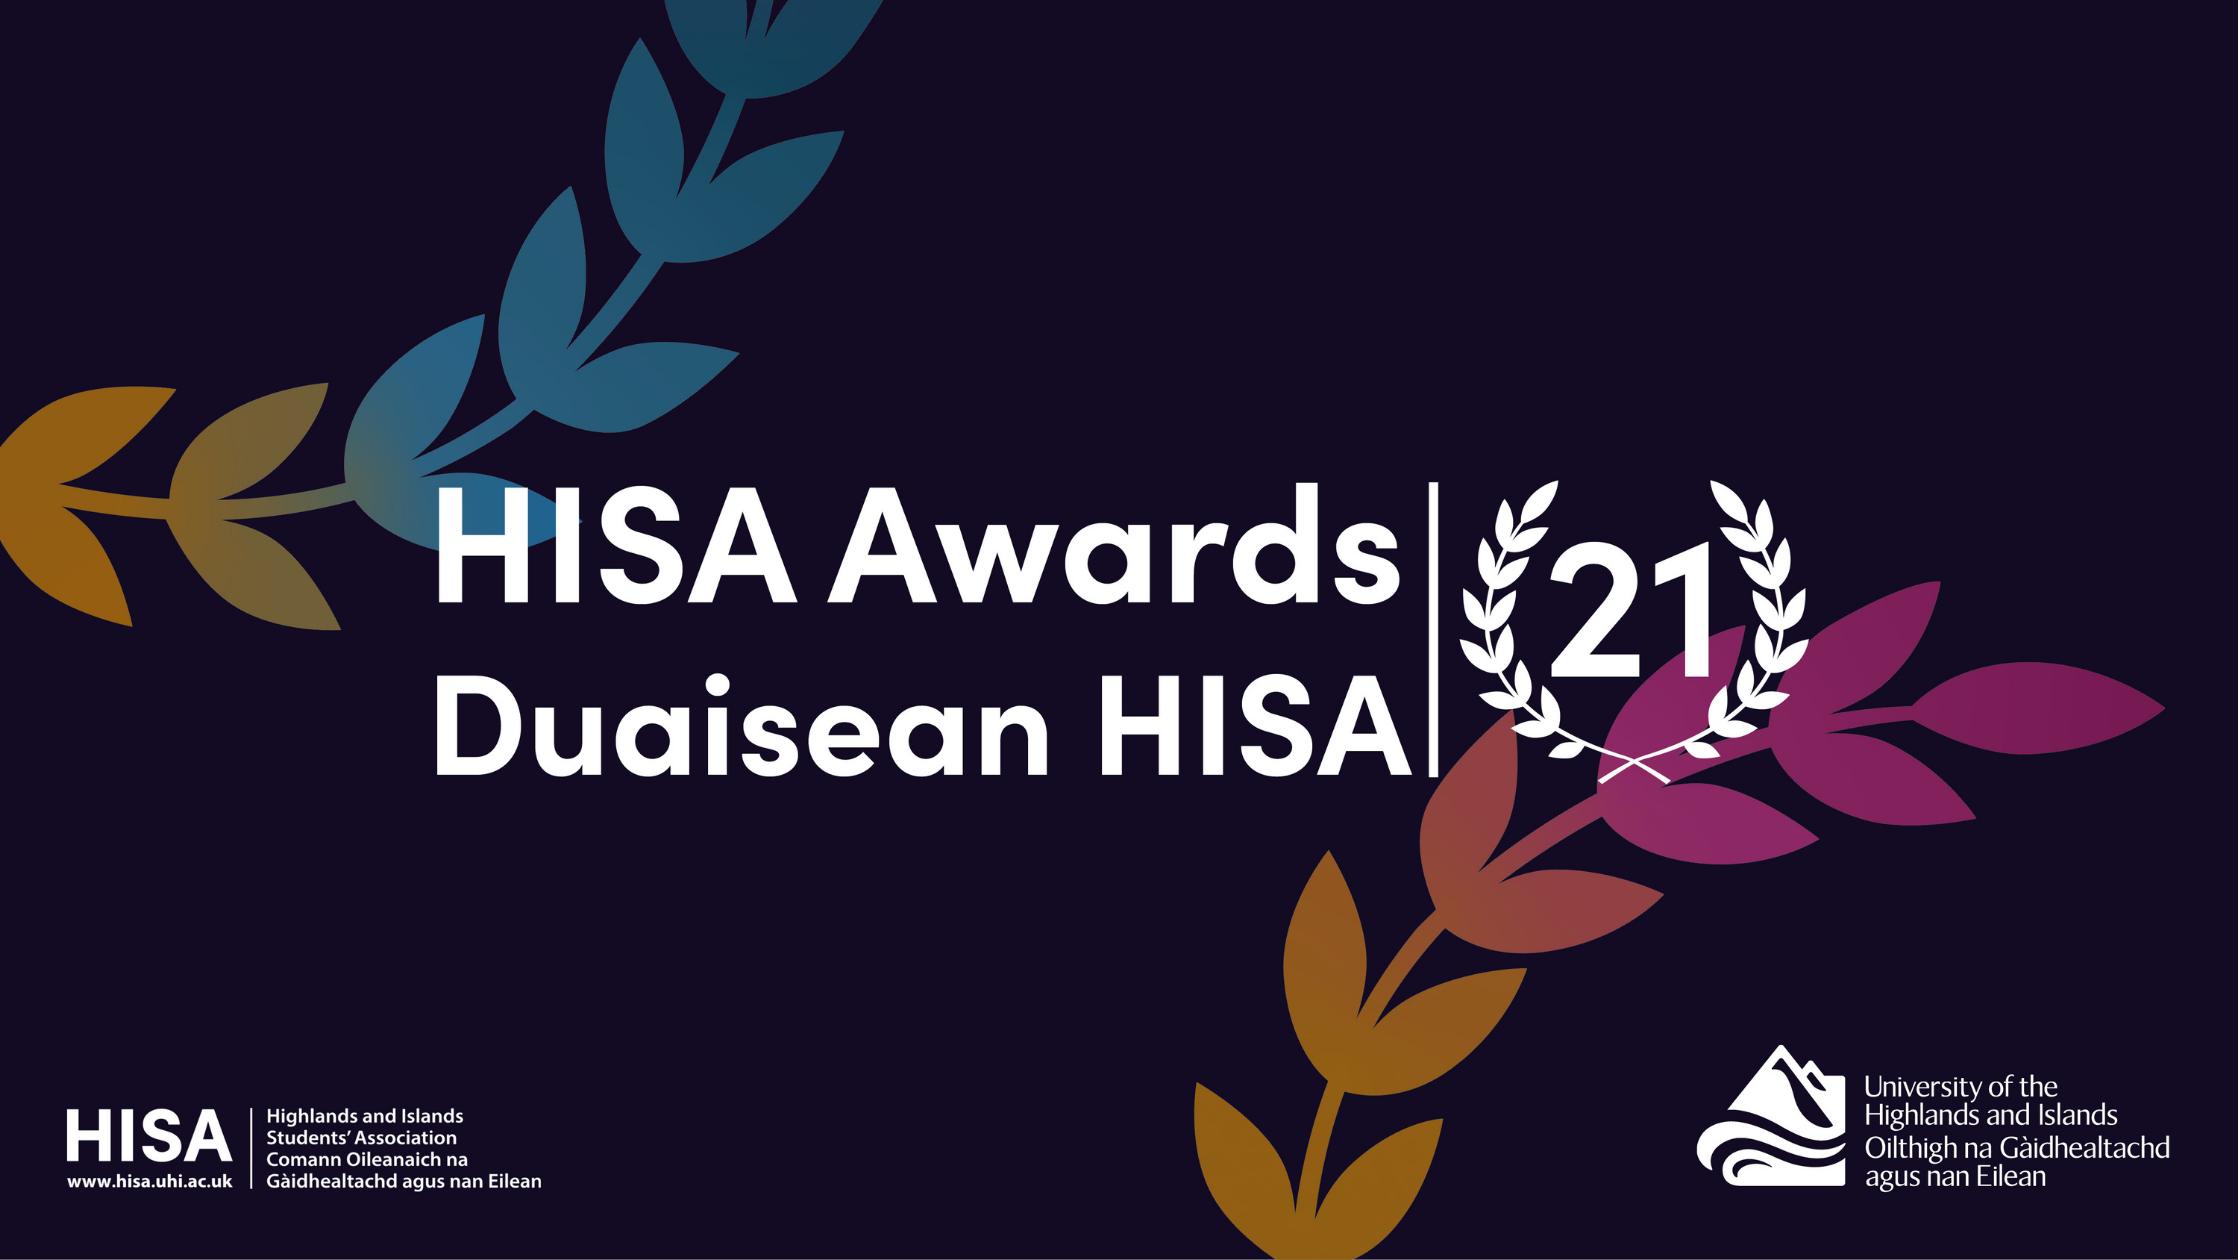 Hisa awards website